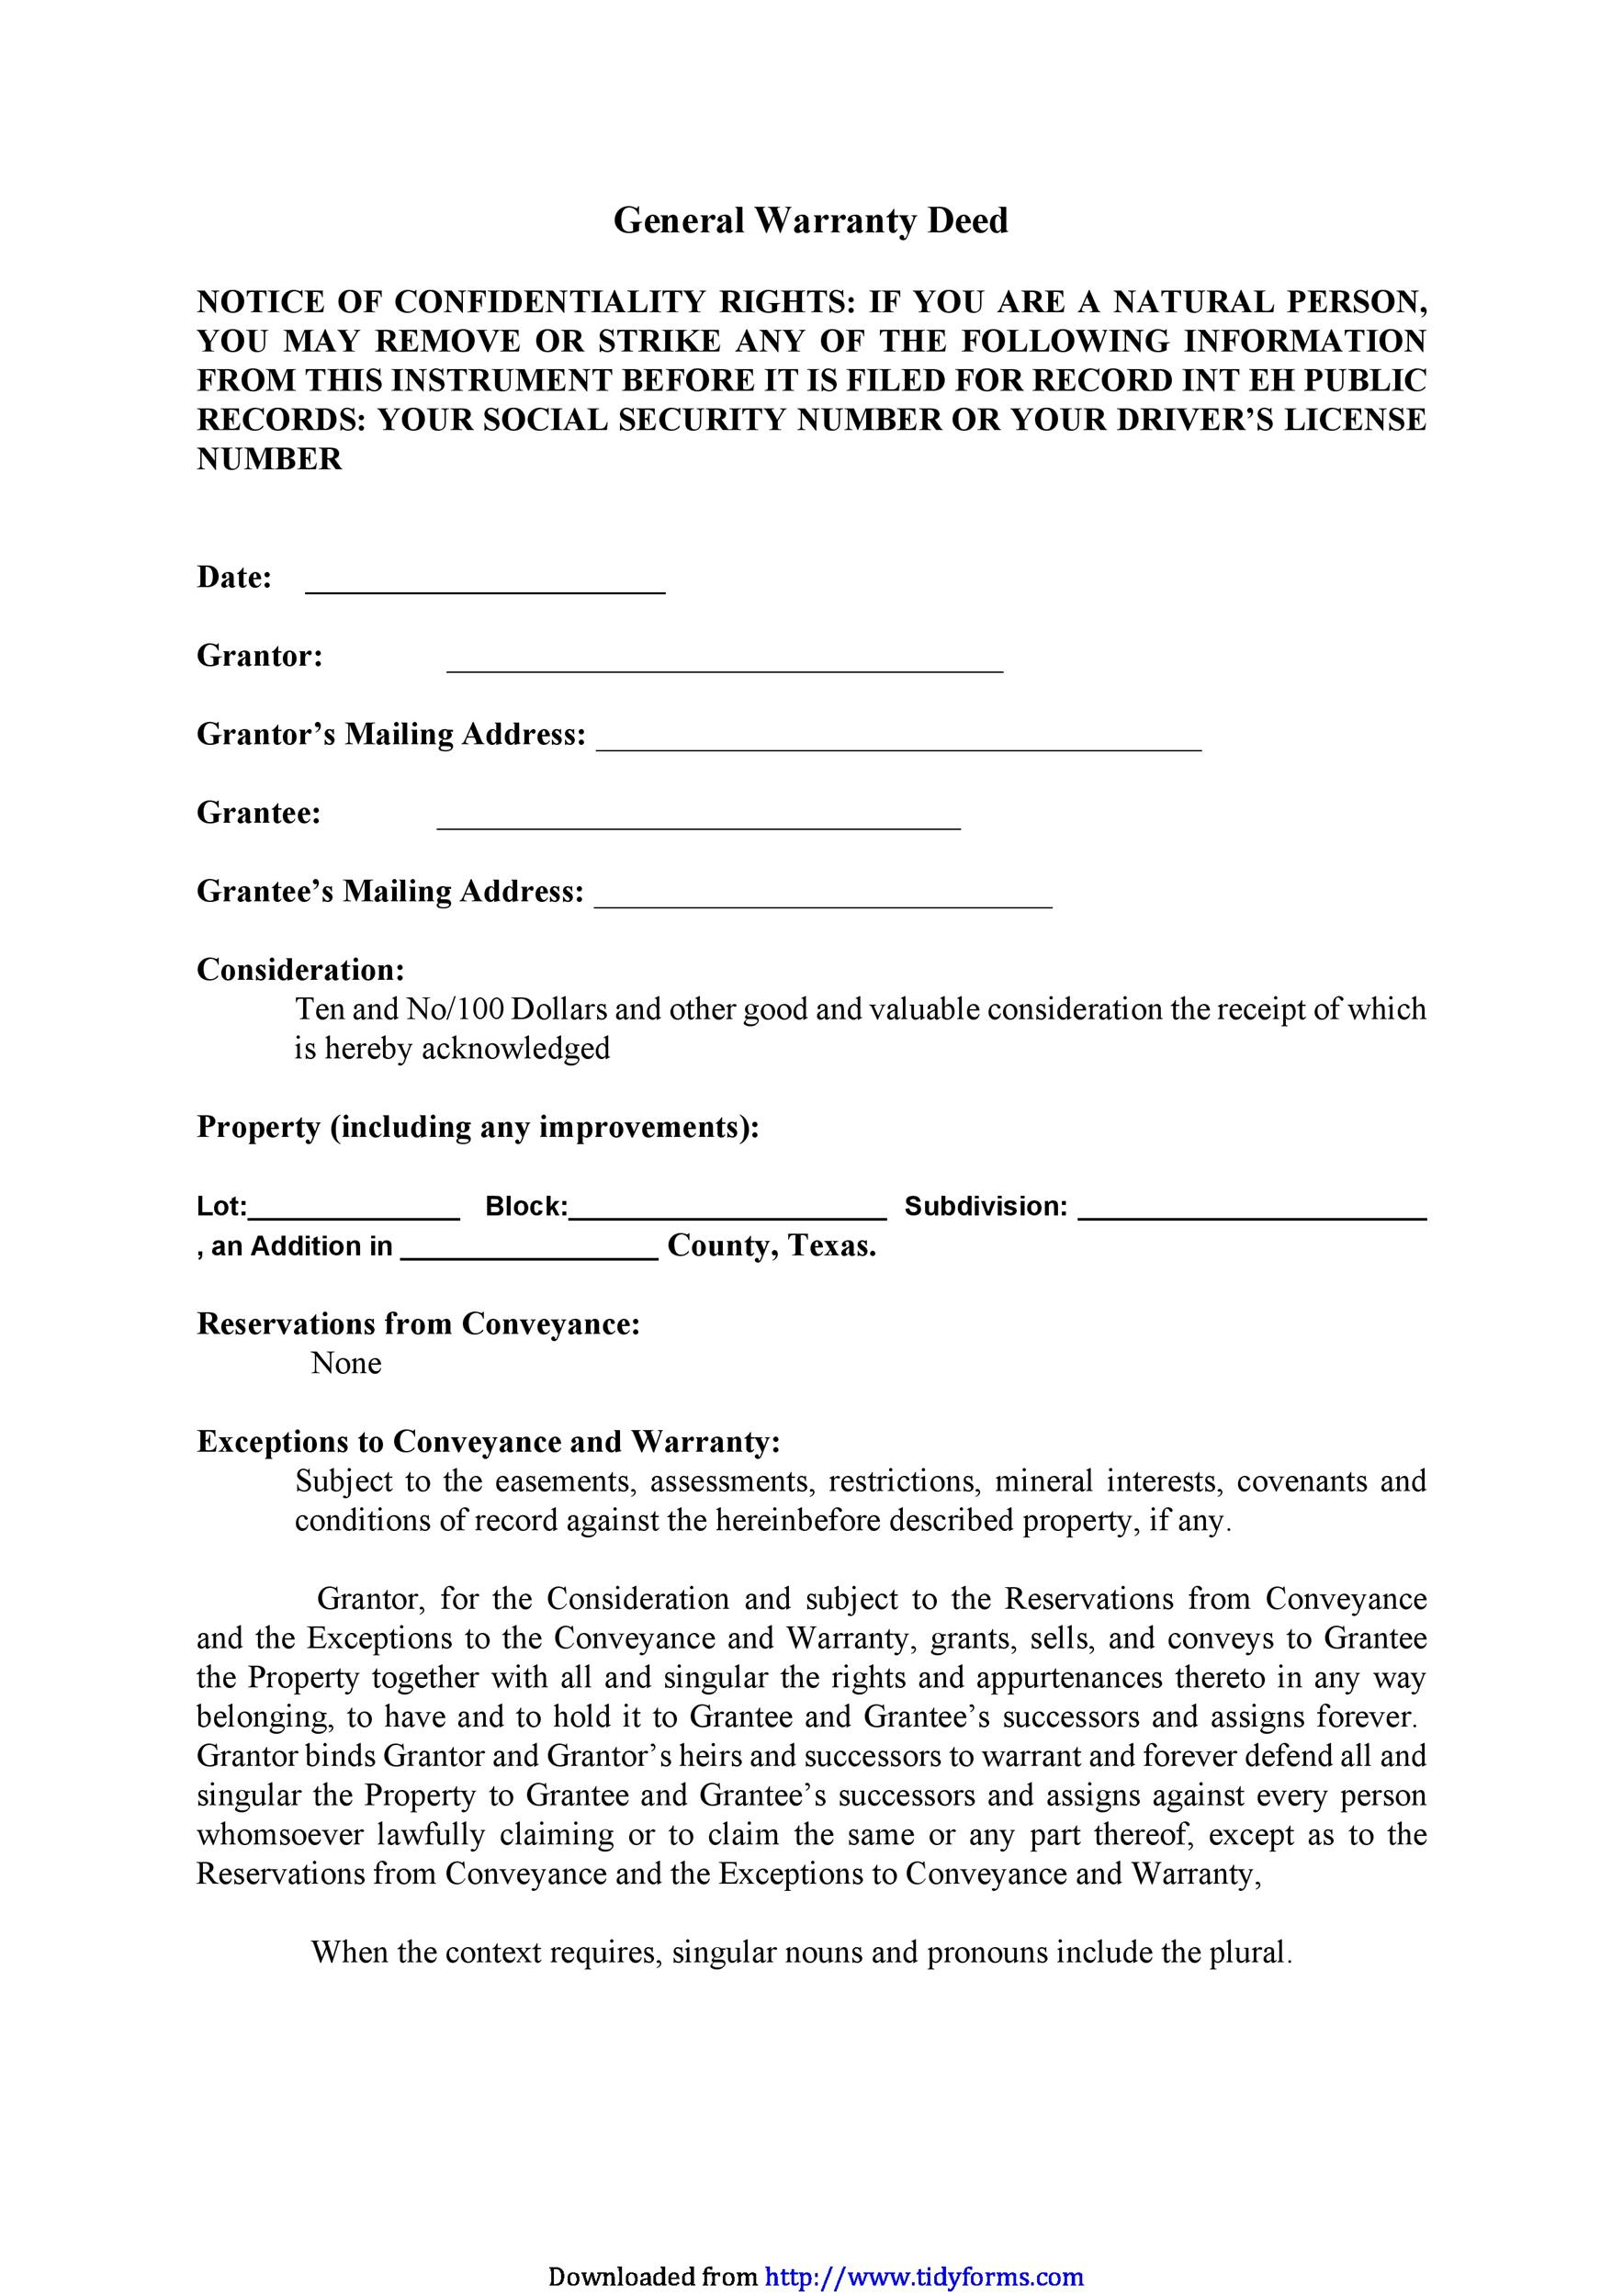 Free Warranty deed template 23